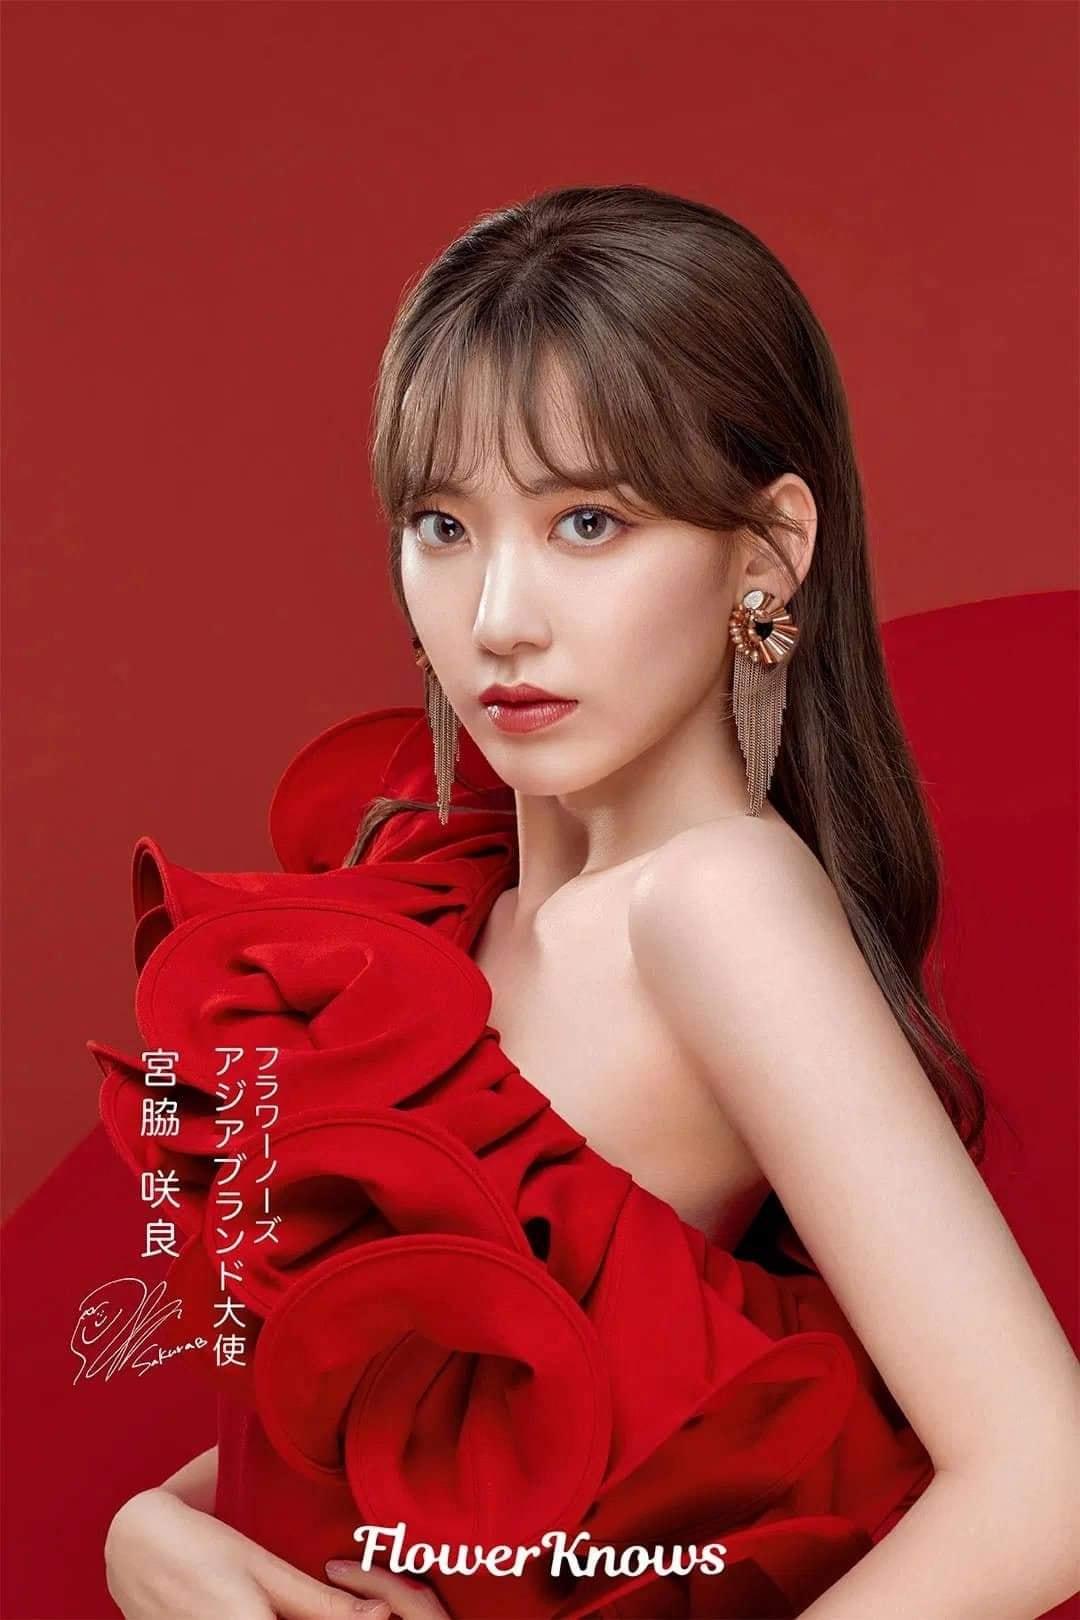 Sakura vừa được bổ nhiệm làm Đại sứ khu vực châu Á cho thương hiệu mỹ phẩm xuất xứ từ Trung Quốc Flower Knows. Trong bộ hình đầu tiên quảng bá cho nhãn hàng vừa được tung ra, nữ idol người Nhật diện bộ váy đỏ lệch vai đầy quyến rũ, kết hợp cùng lối trang điểm trưởng thành.